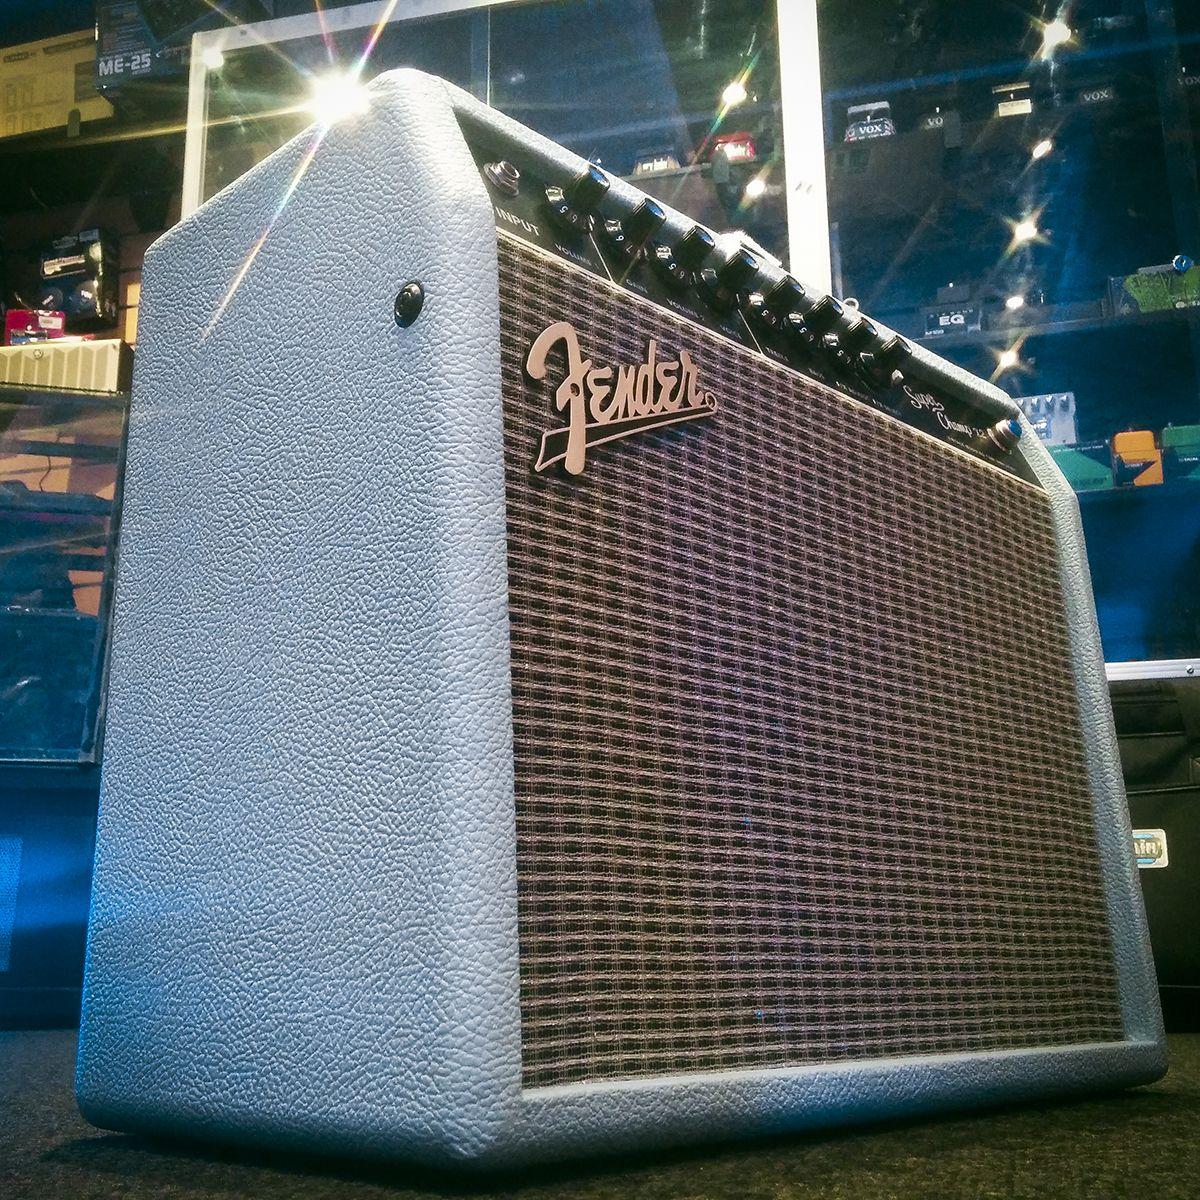 Fender Fsr Superchamp X2 In Sonic Blue Fender Fenderamp